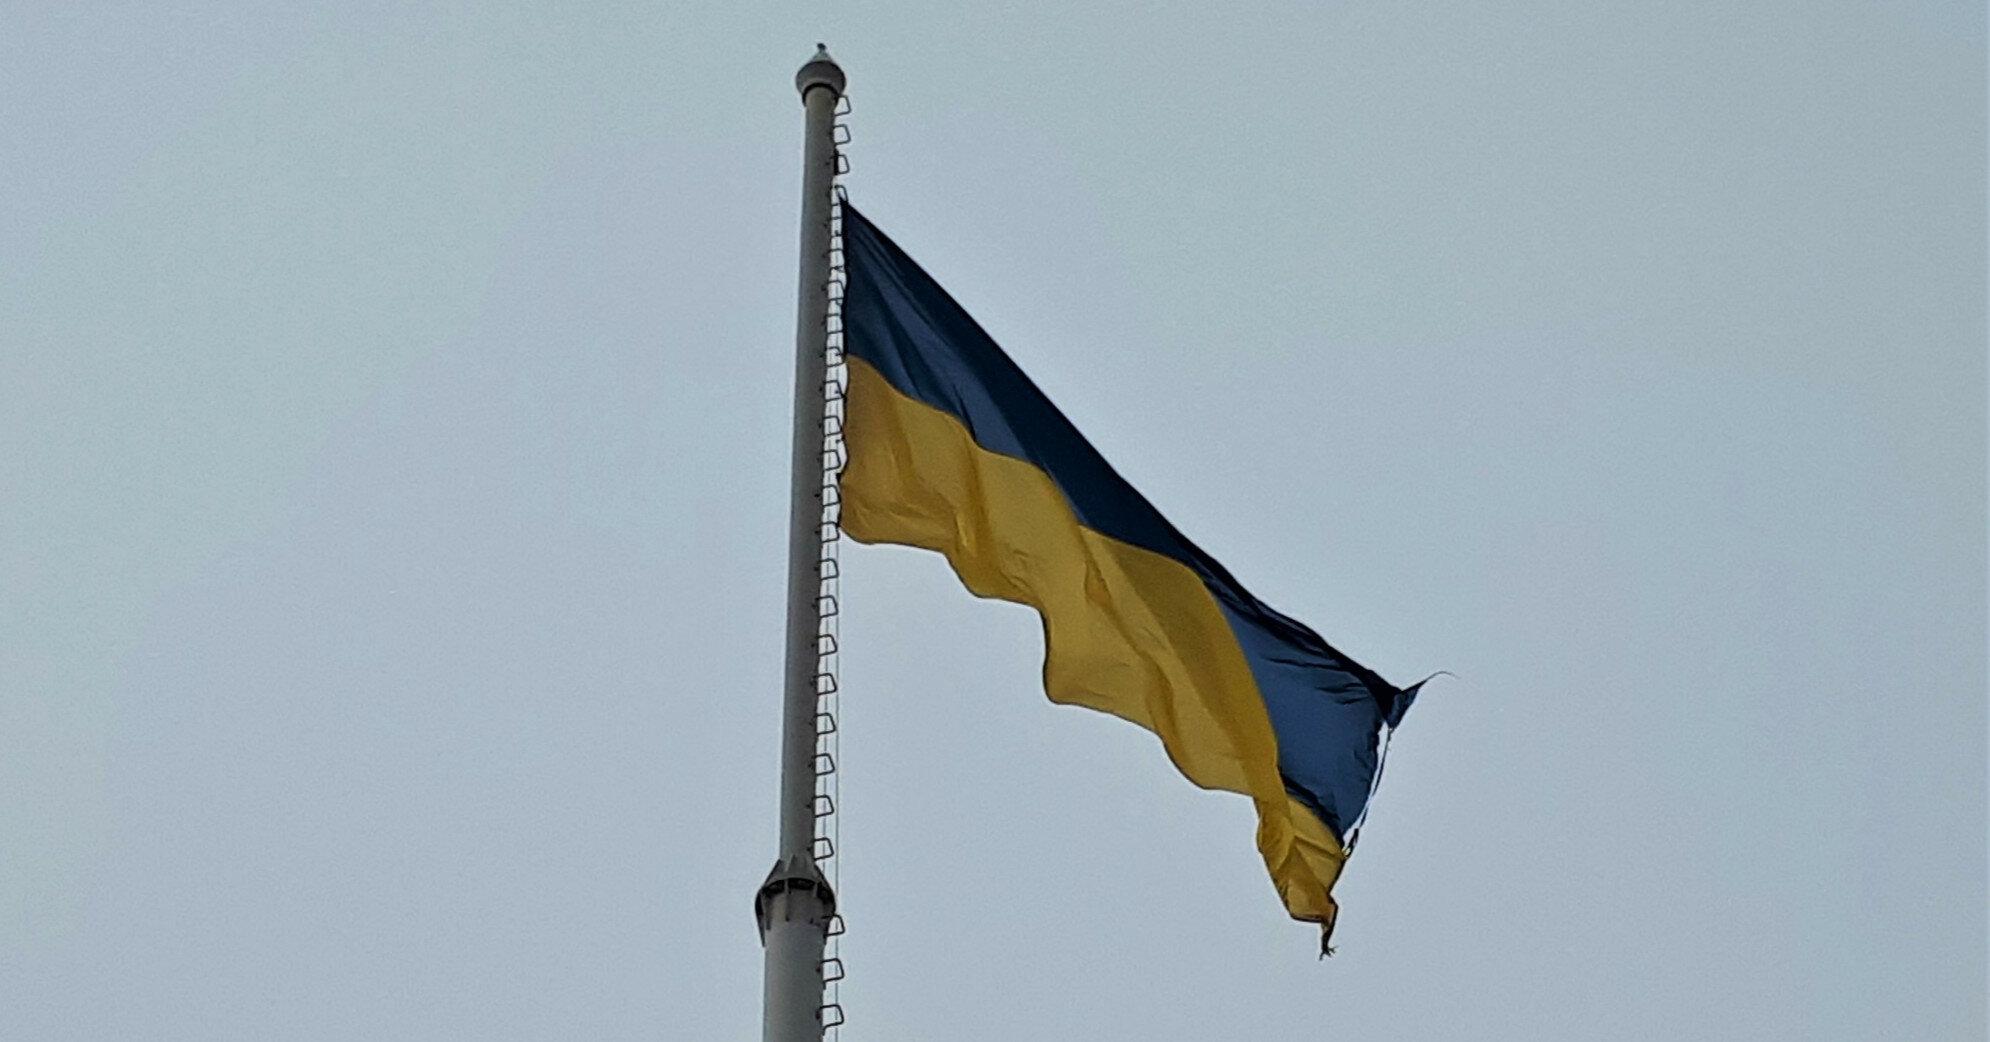 В пожаре на судне в Индийском океане погиб украинец